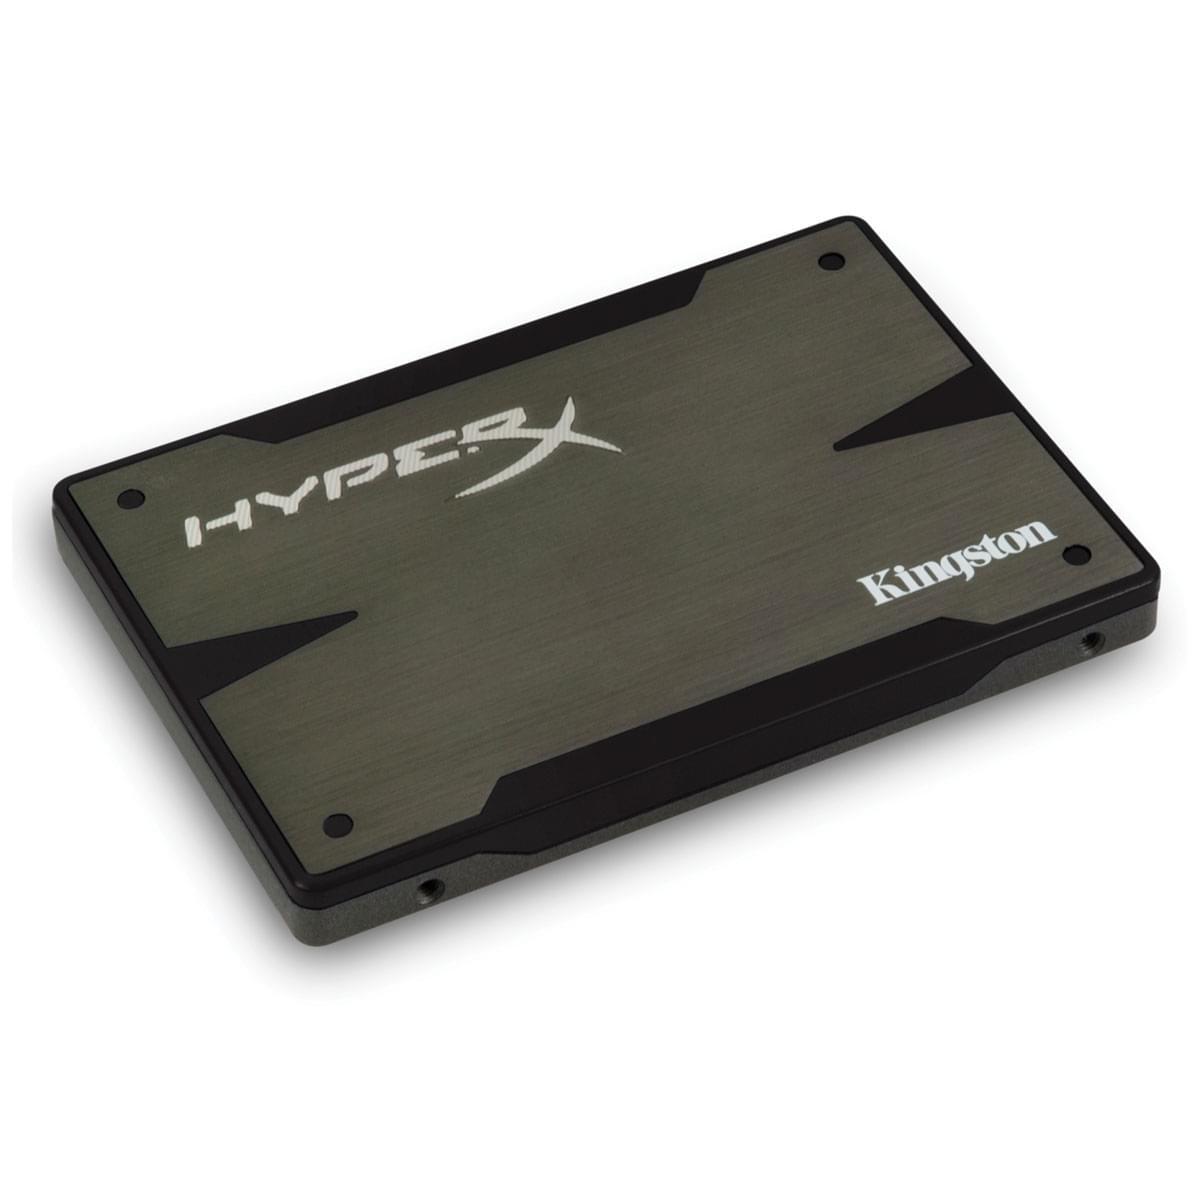 Kingston 240Go SSD Now Hyper X 3K SATA 3 2.5 SH103S3/240G (SH103S3/240G) - Achat / Vente Disque SSD sur Cybertek.fr - 0